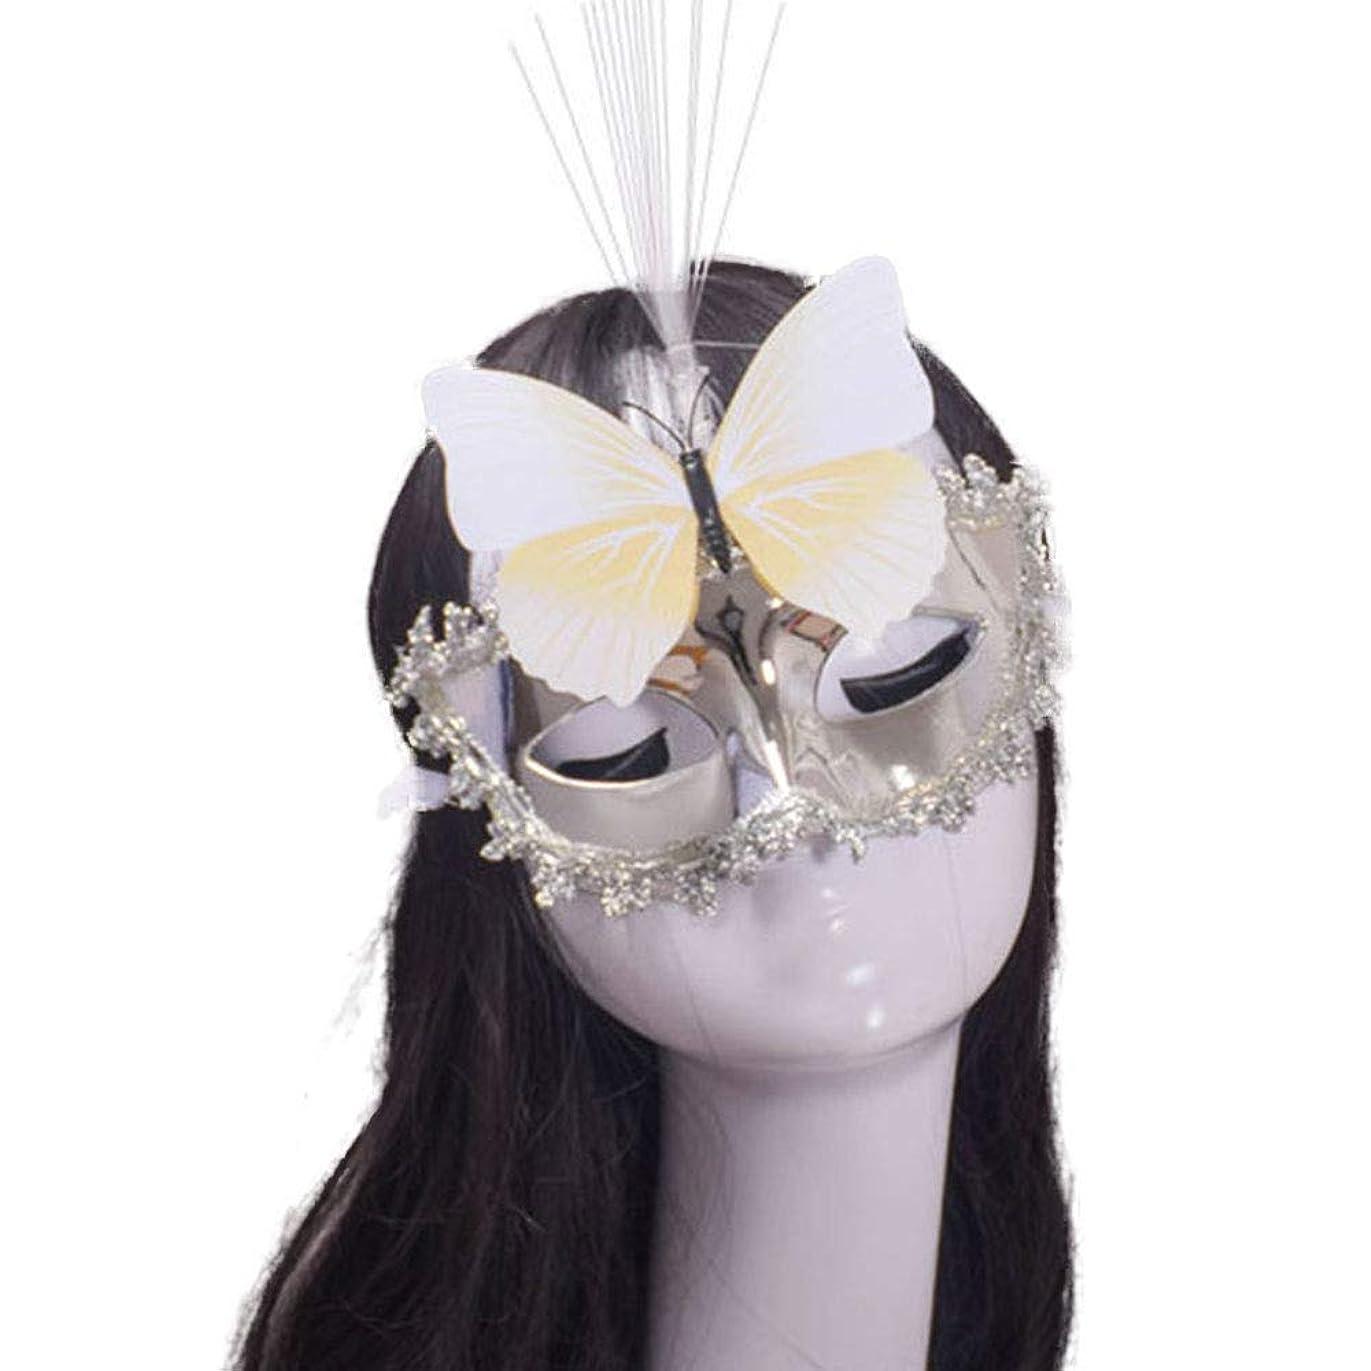 無意味打ち上げる故障Auntwhale ハロウィーンマスク大人恐怖コスチューム、蝶ファンシー仮装パーティーハロウィンマスク、フェスティバル通気性ギフトヘッドマスク - ホワイト